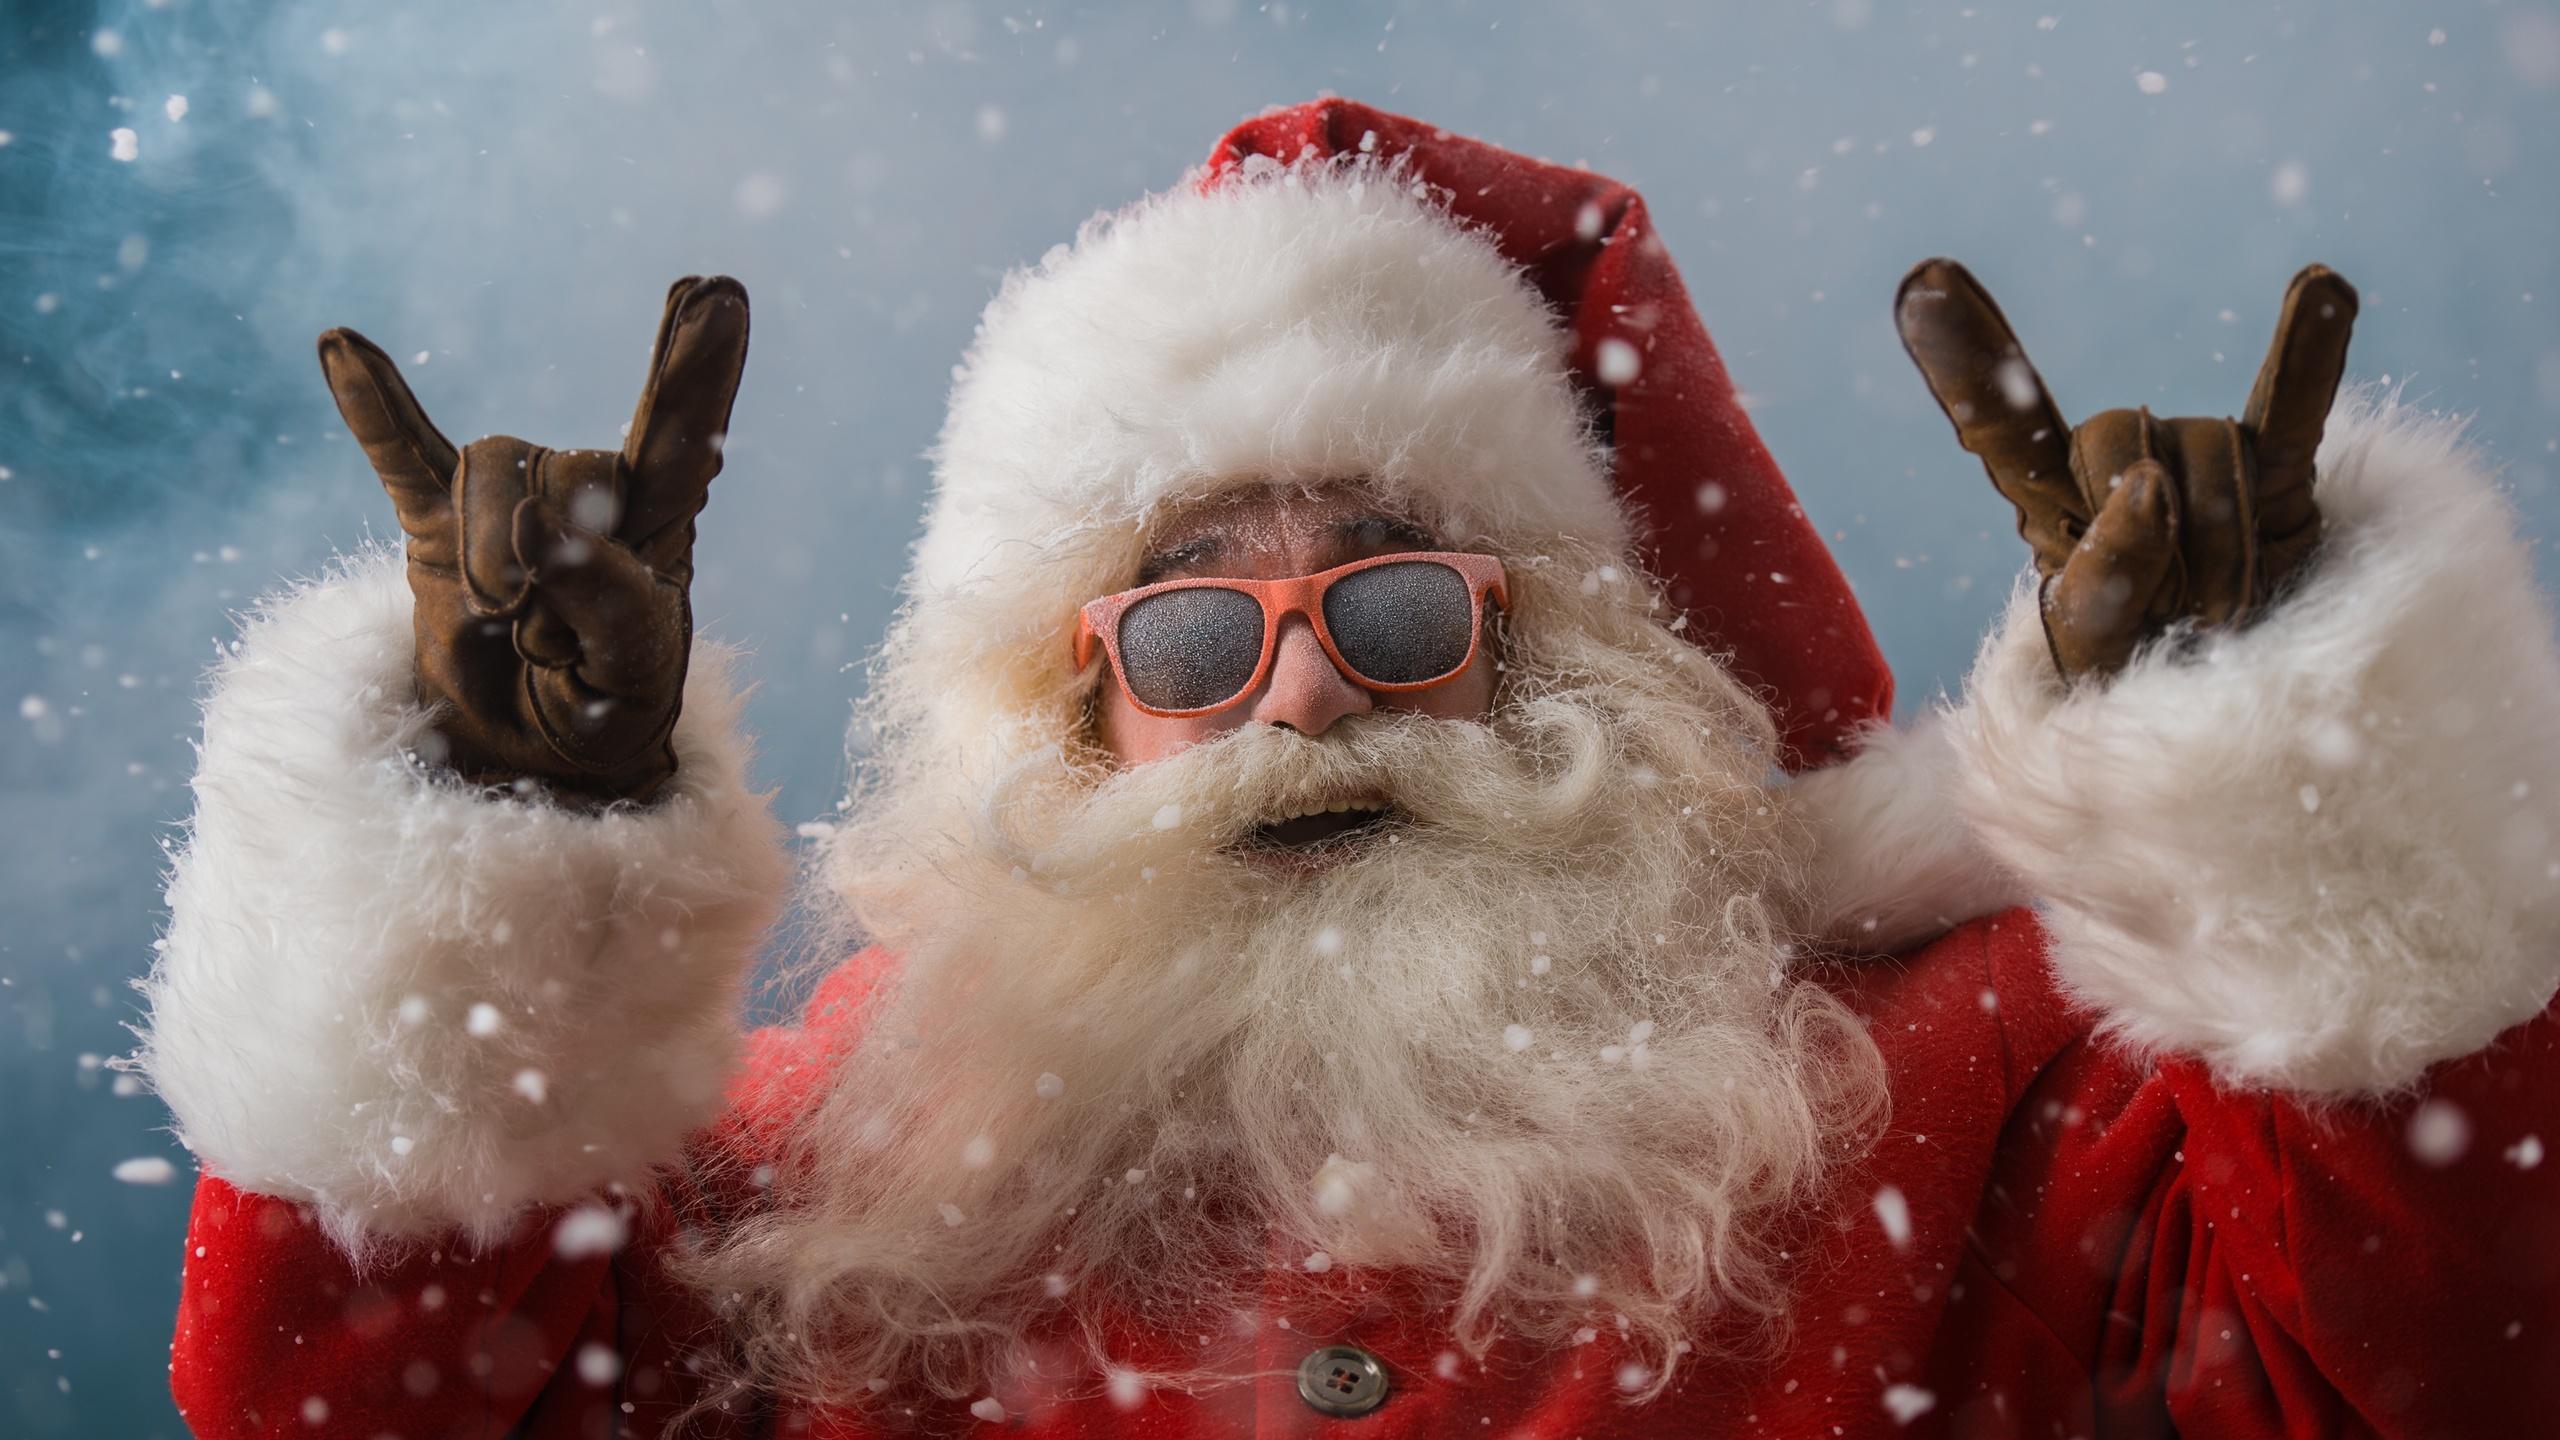 cool-santa-claus-4k-qb.jpg